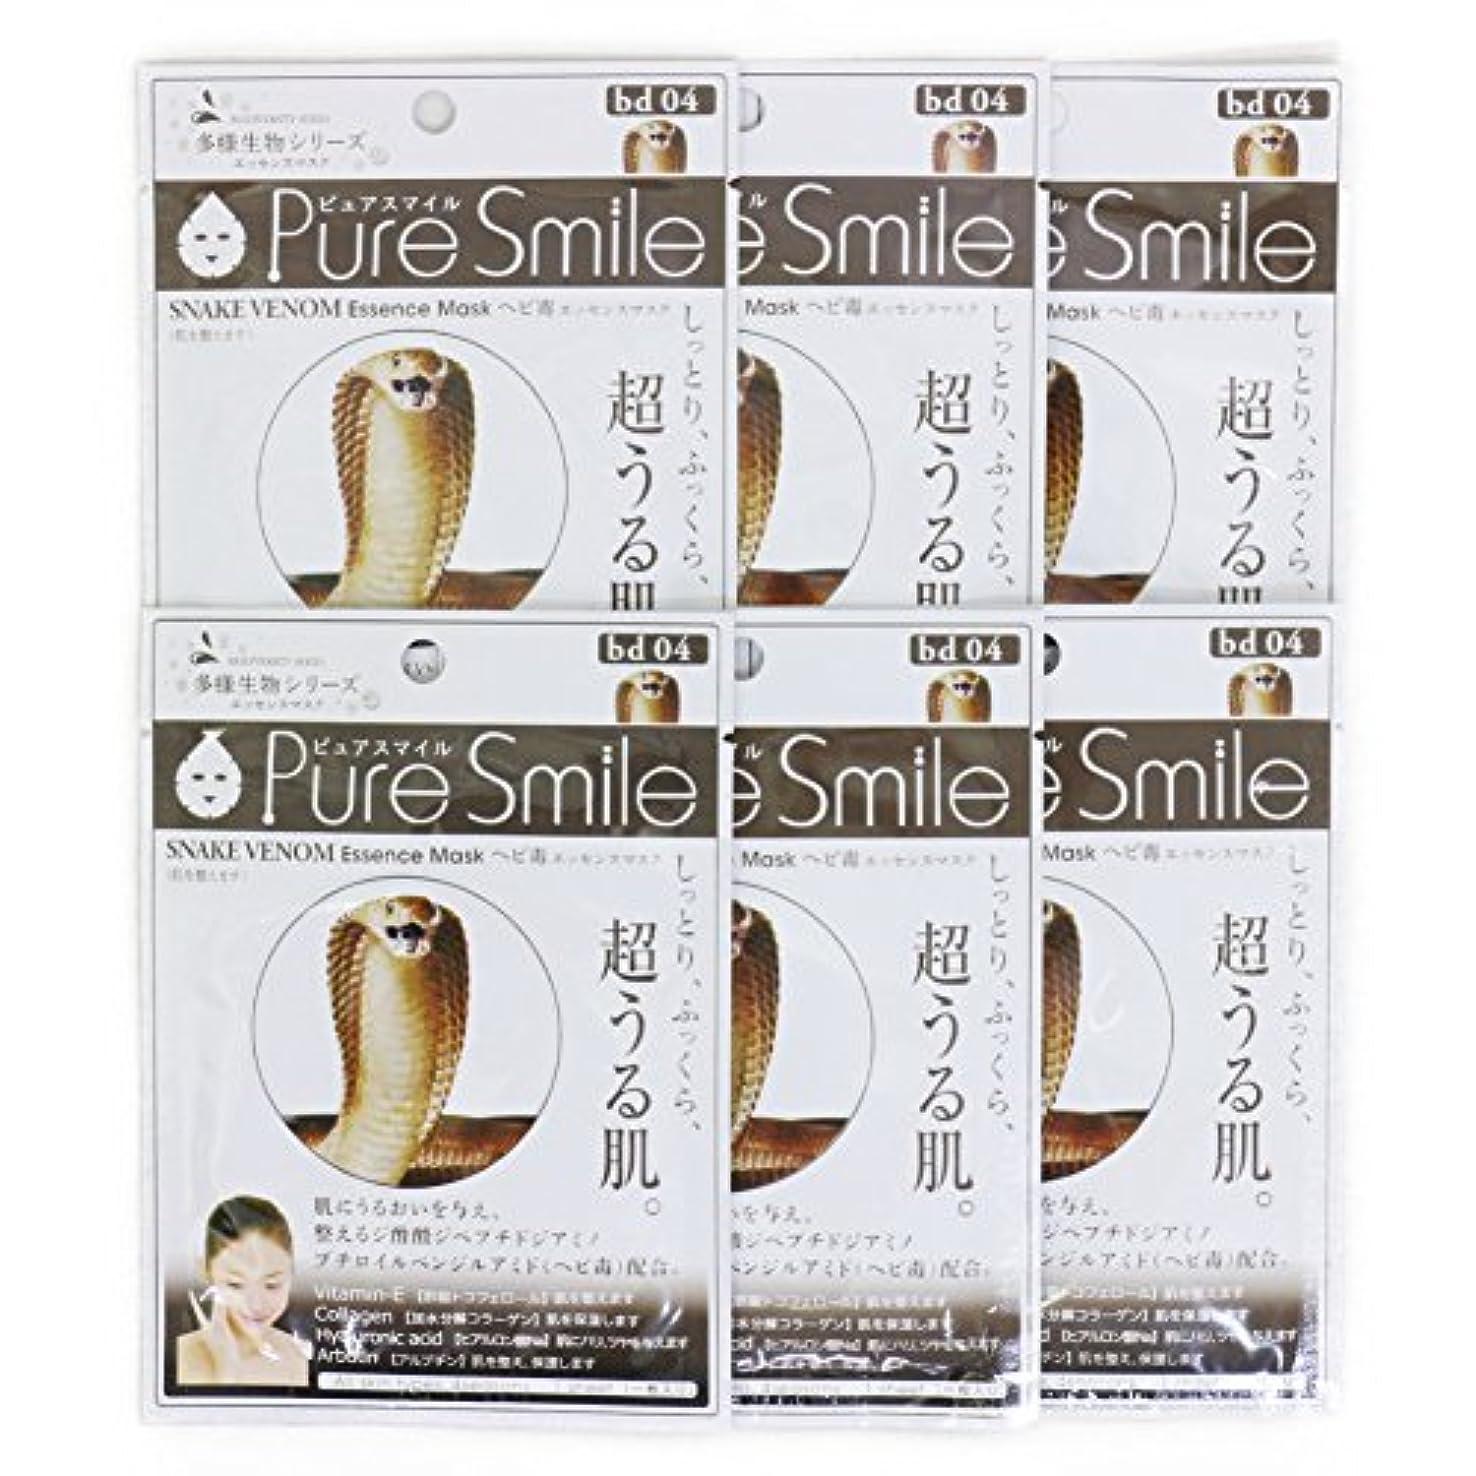 エレガントマニアック生き残りPure Smile ピュアスマイル 多様生物エッセンスマスク ヘビ毒 6枚セット